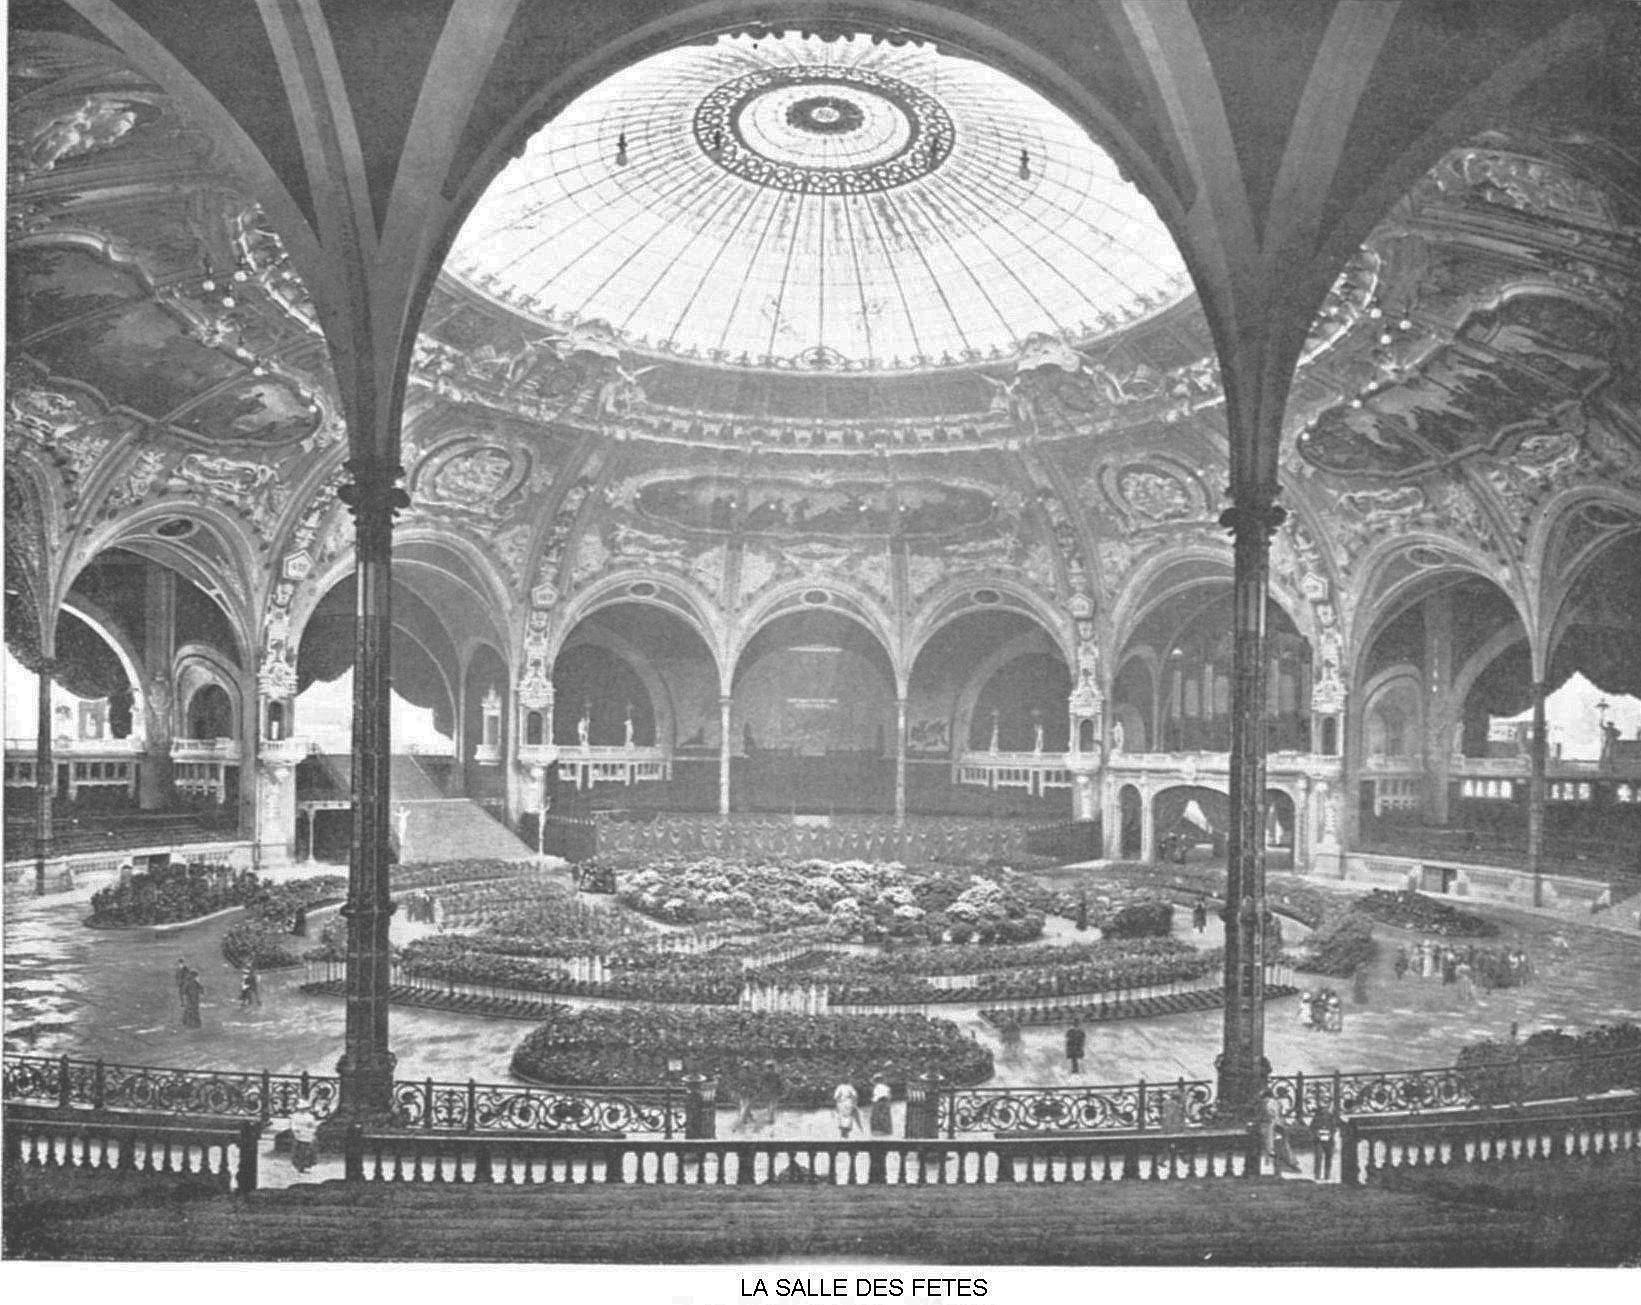 Ressources histoire exposition universelle 1900 la salle des fetes